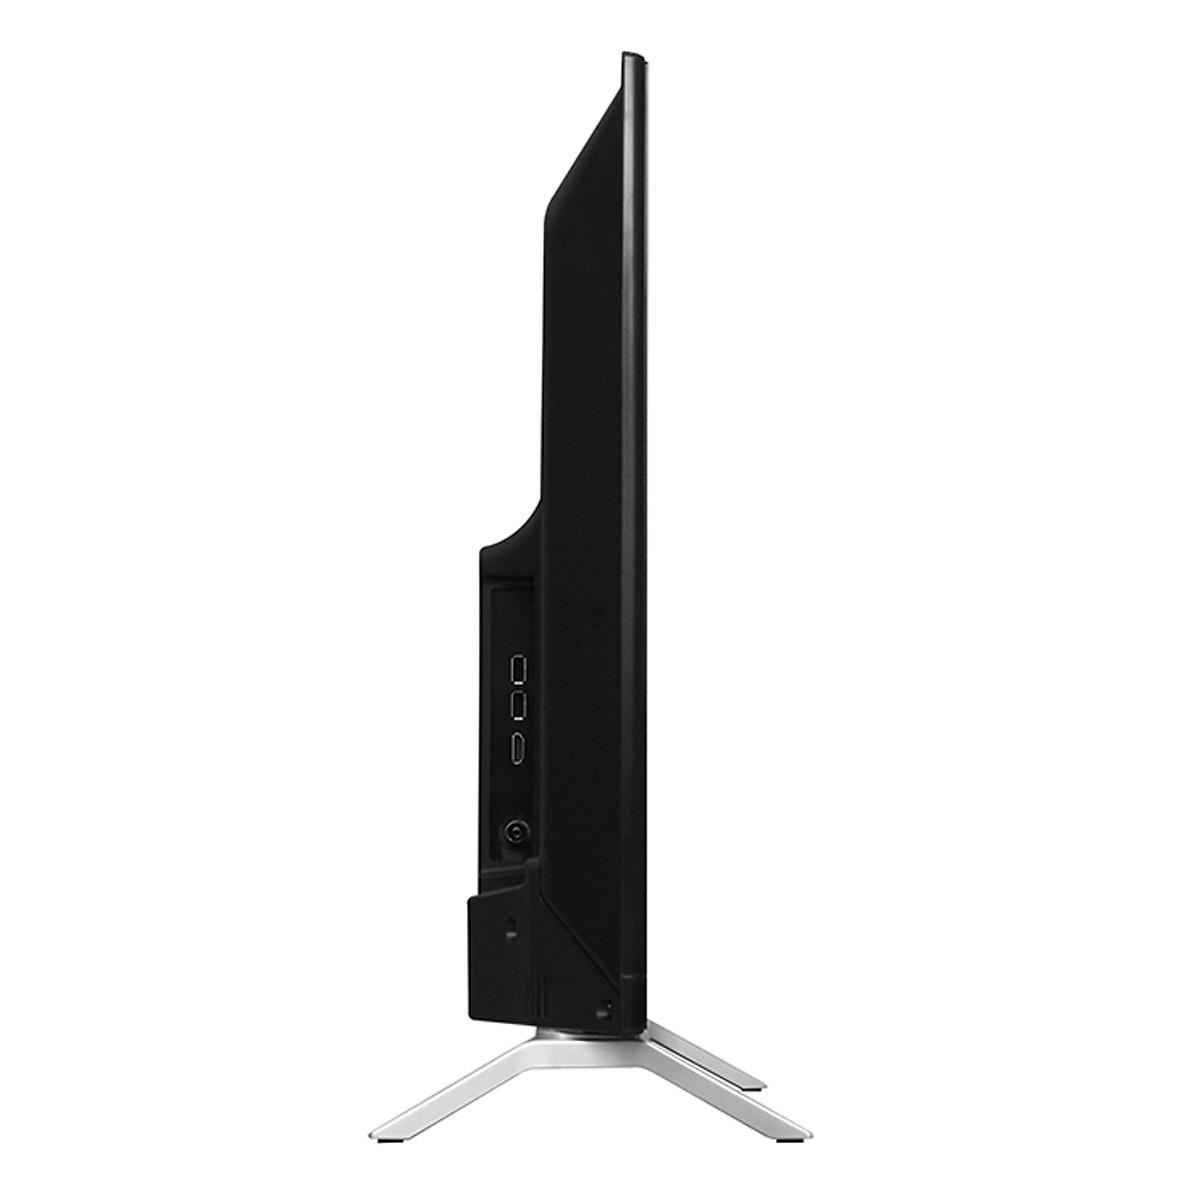 Smart Tivi LED Toshiba 32 inch 32L5650 - Hàng chính hãng + Tặng Khung Treo Cố Định